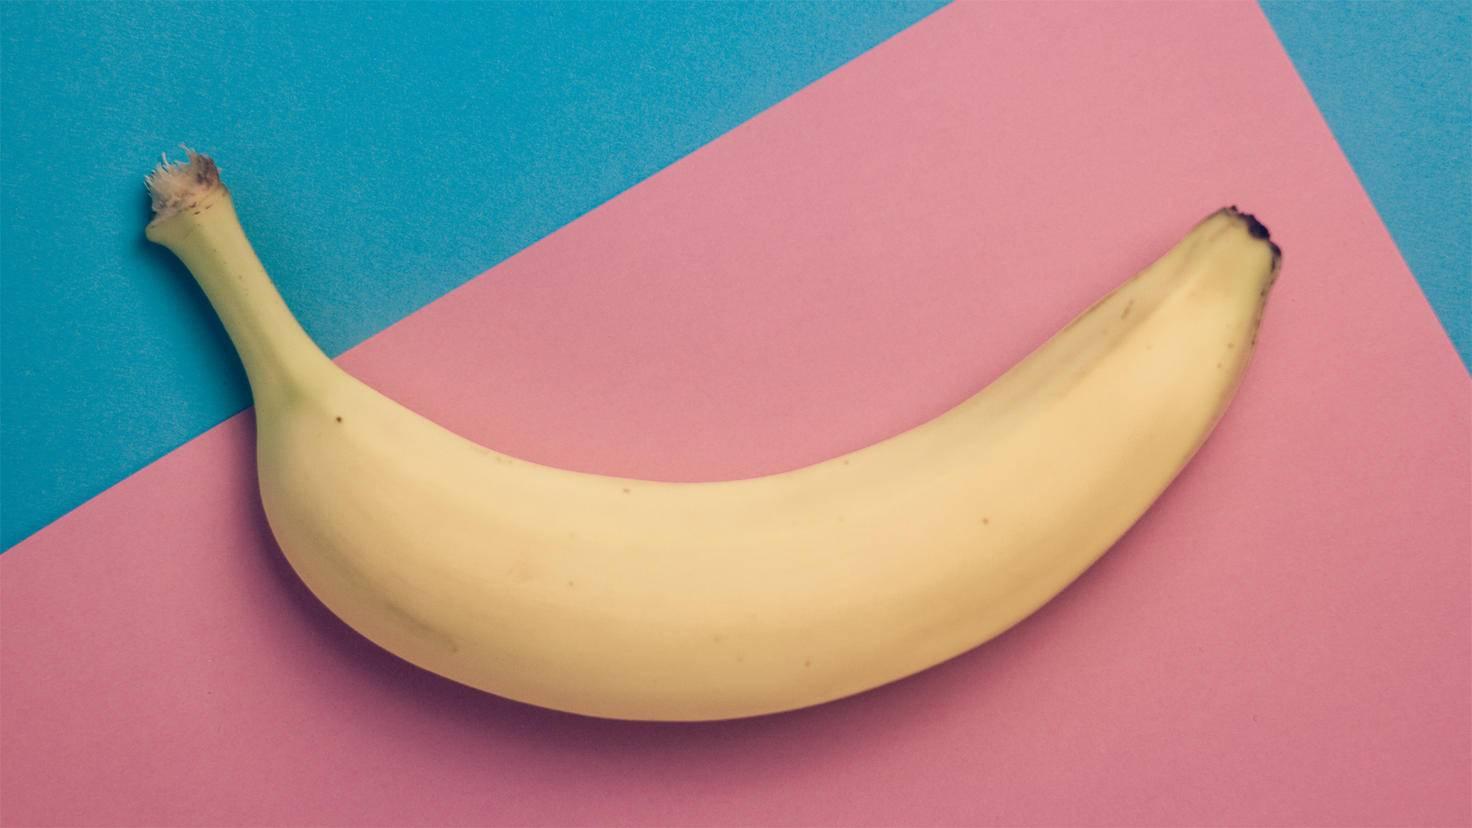 Die Banane sättigt vor dem Schlafengehen.